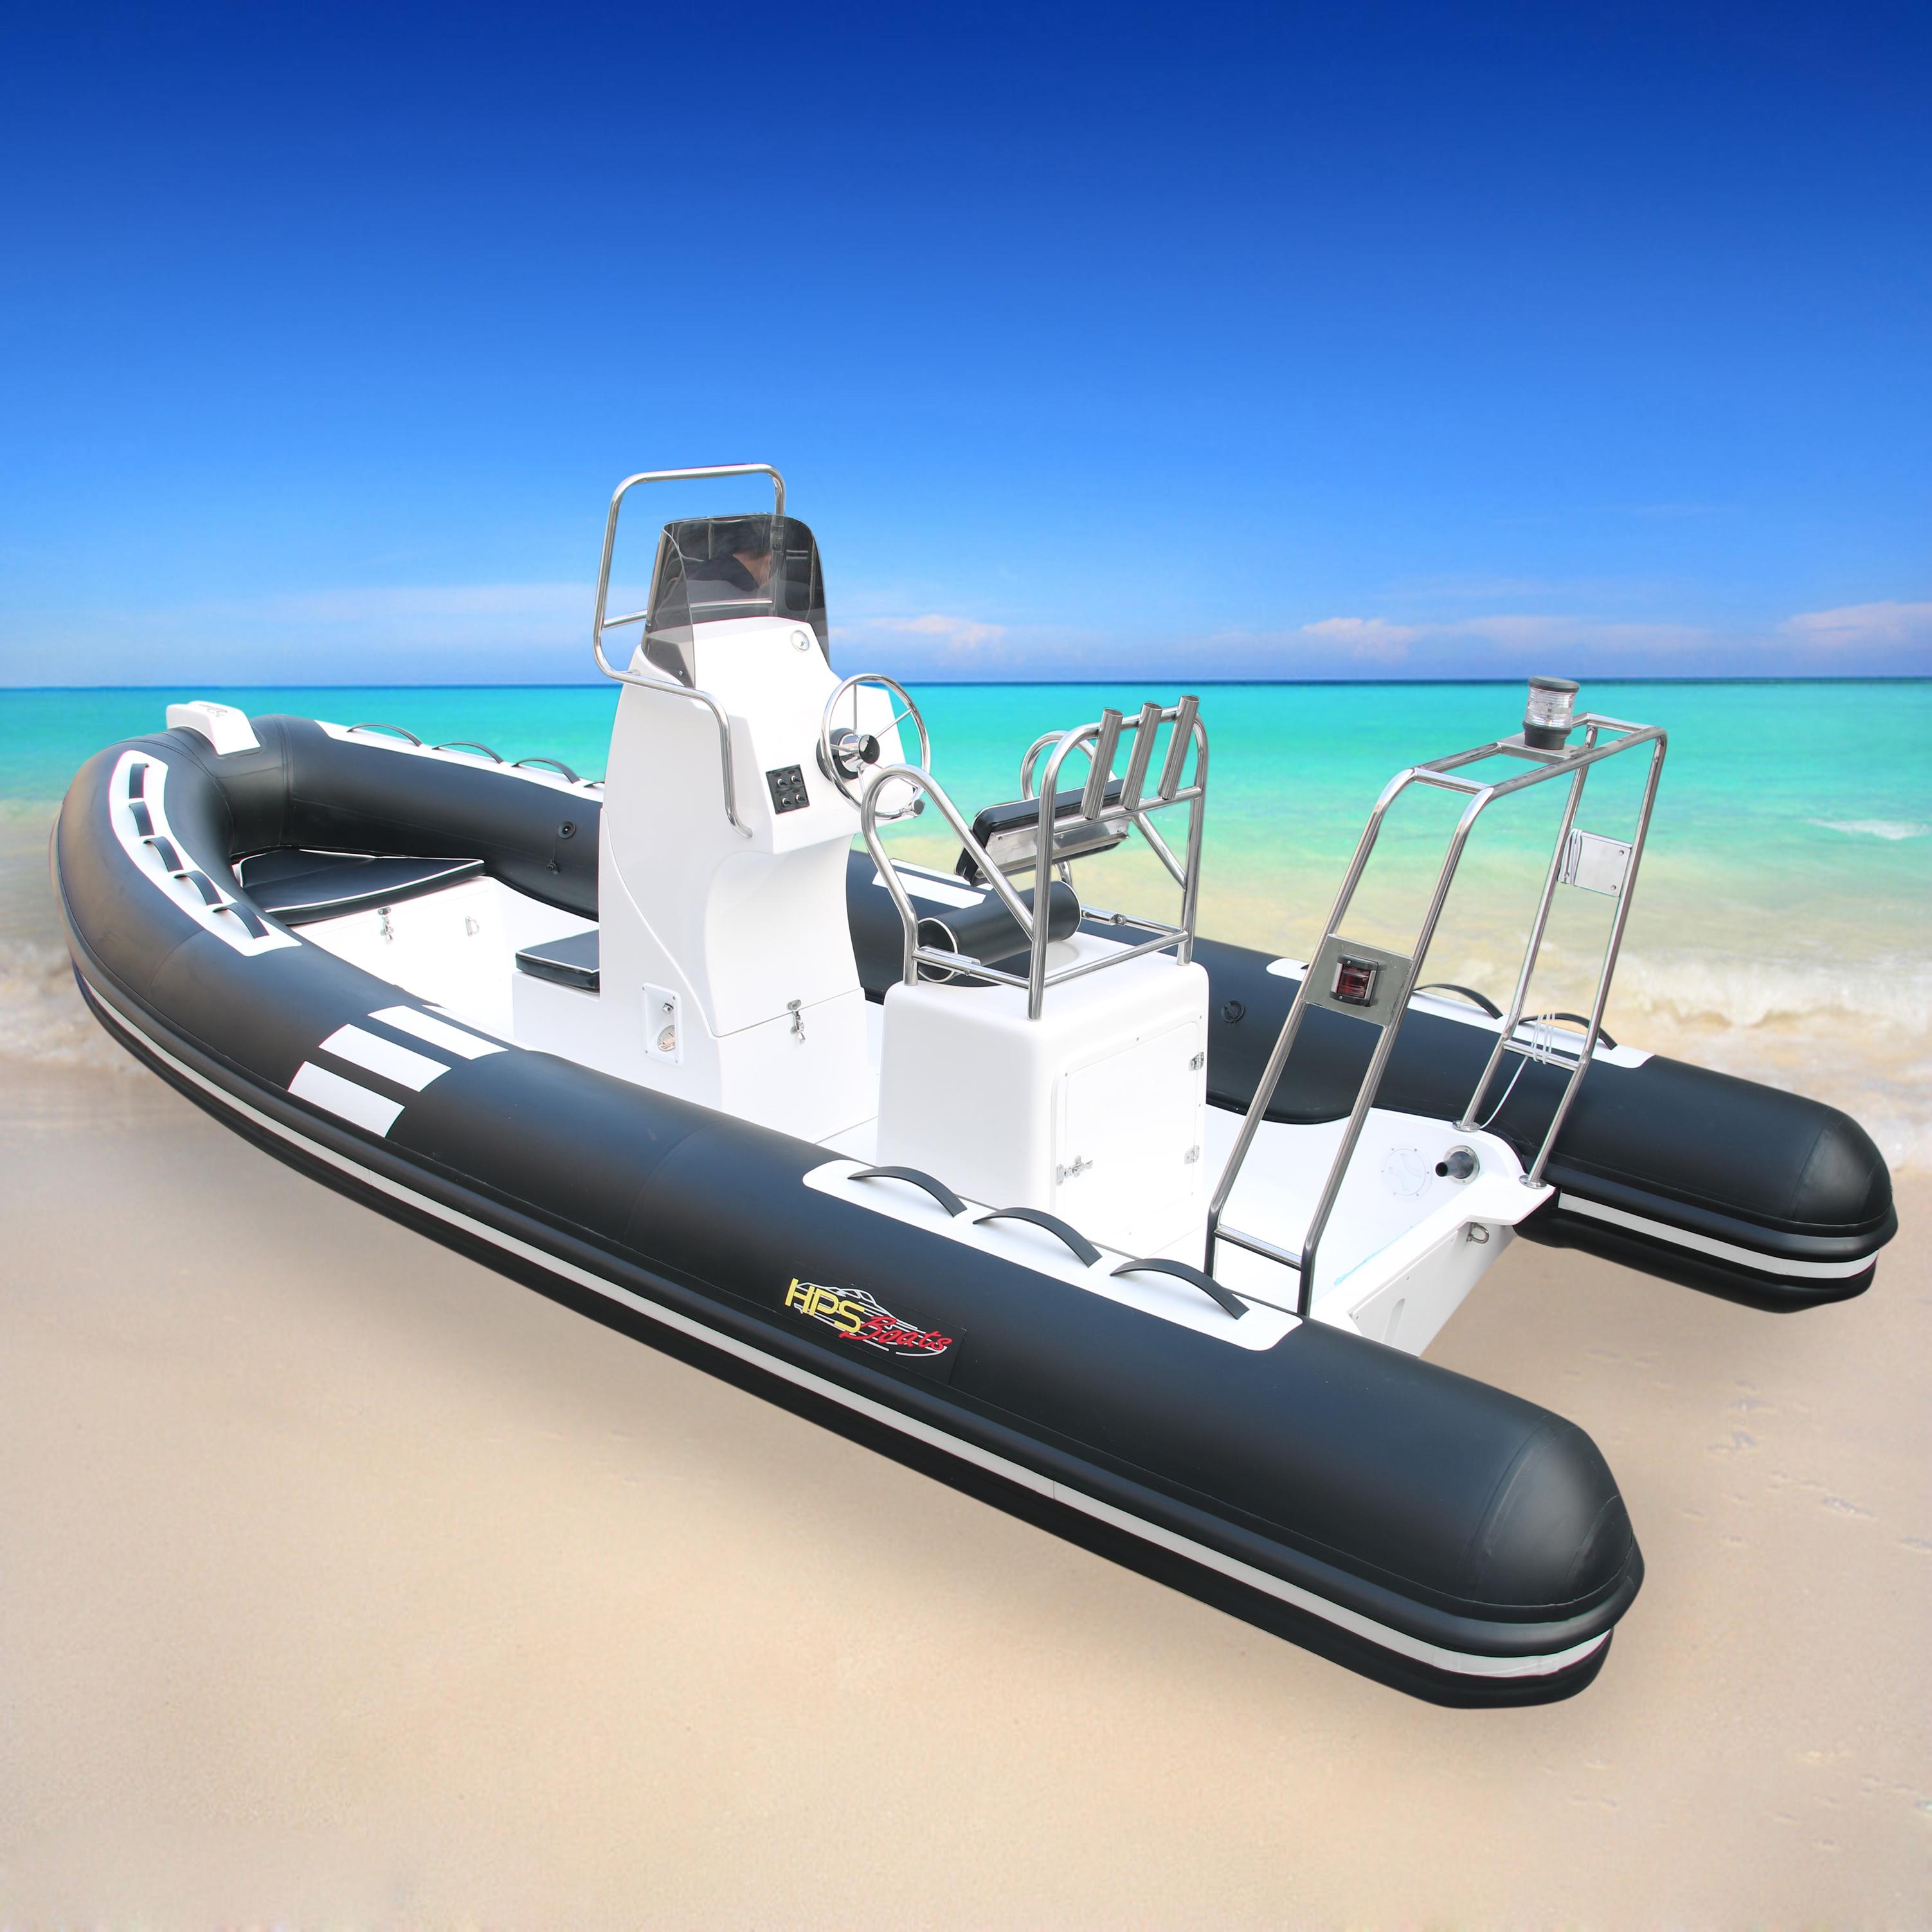 Schlauchboot Modell HP-700 Rib Lieferzeit 3 Monate